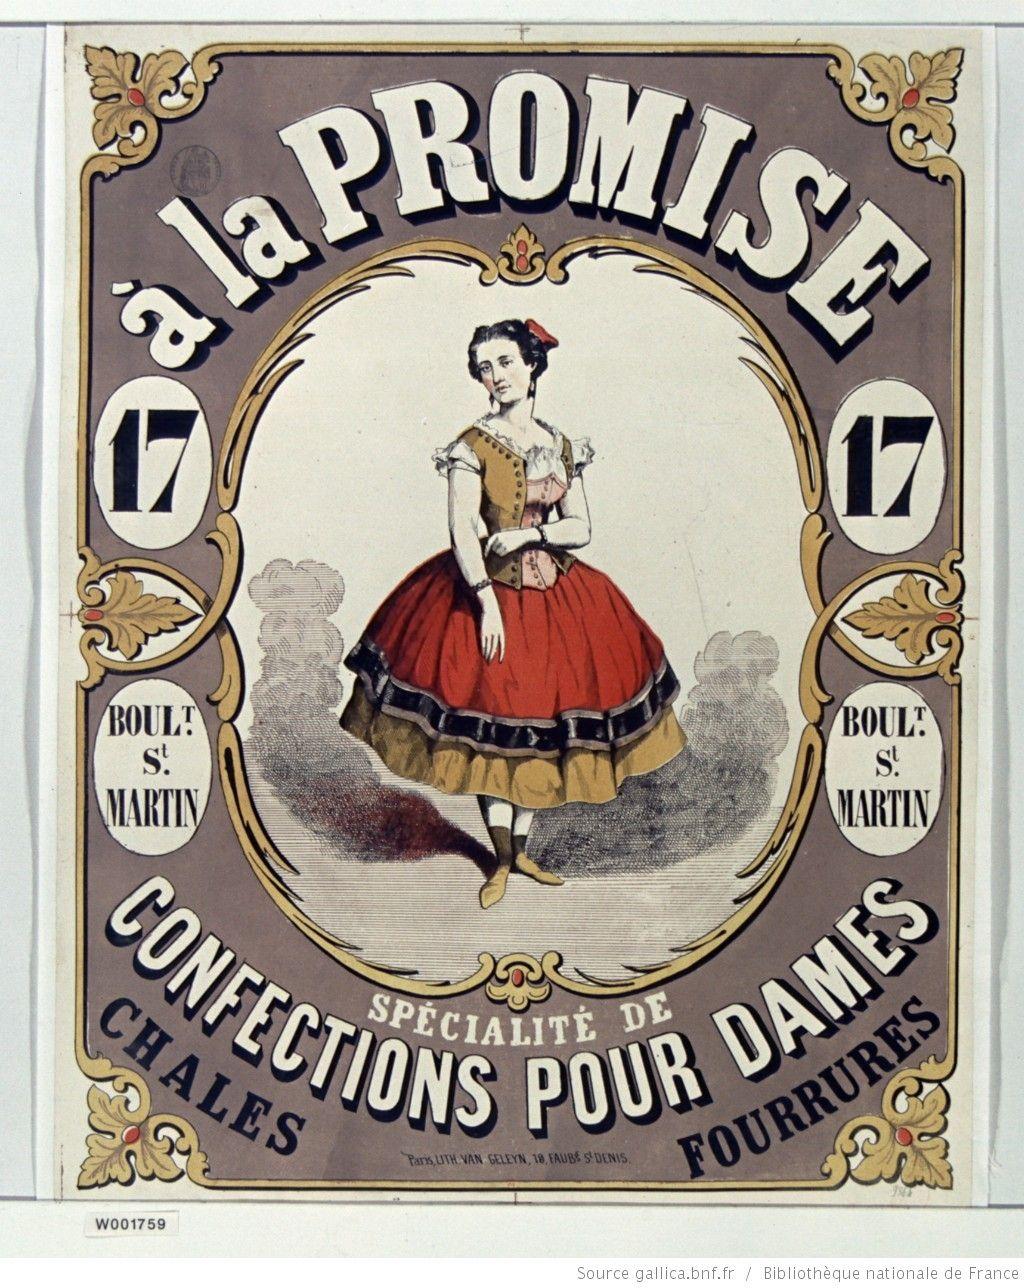 A la Promise 17 boult St Martin. Spécialités de confections pour dames. Châles, fourrures : [affiche] / [non identifié]